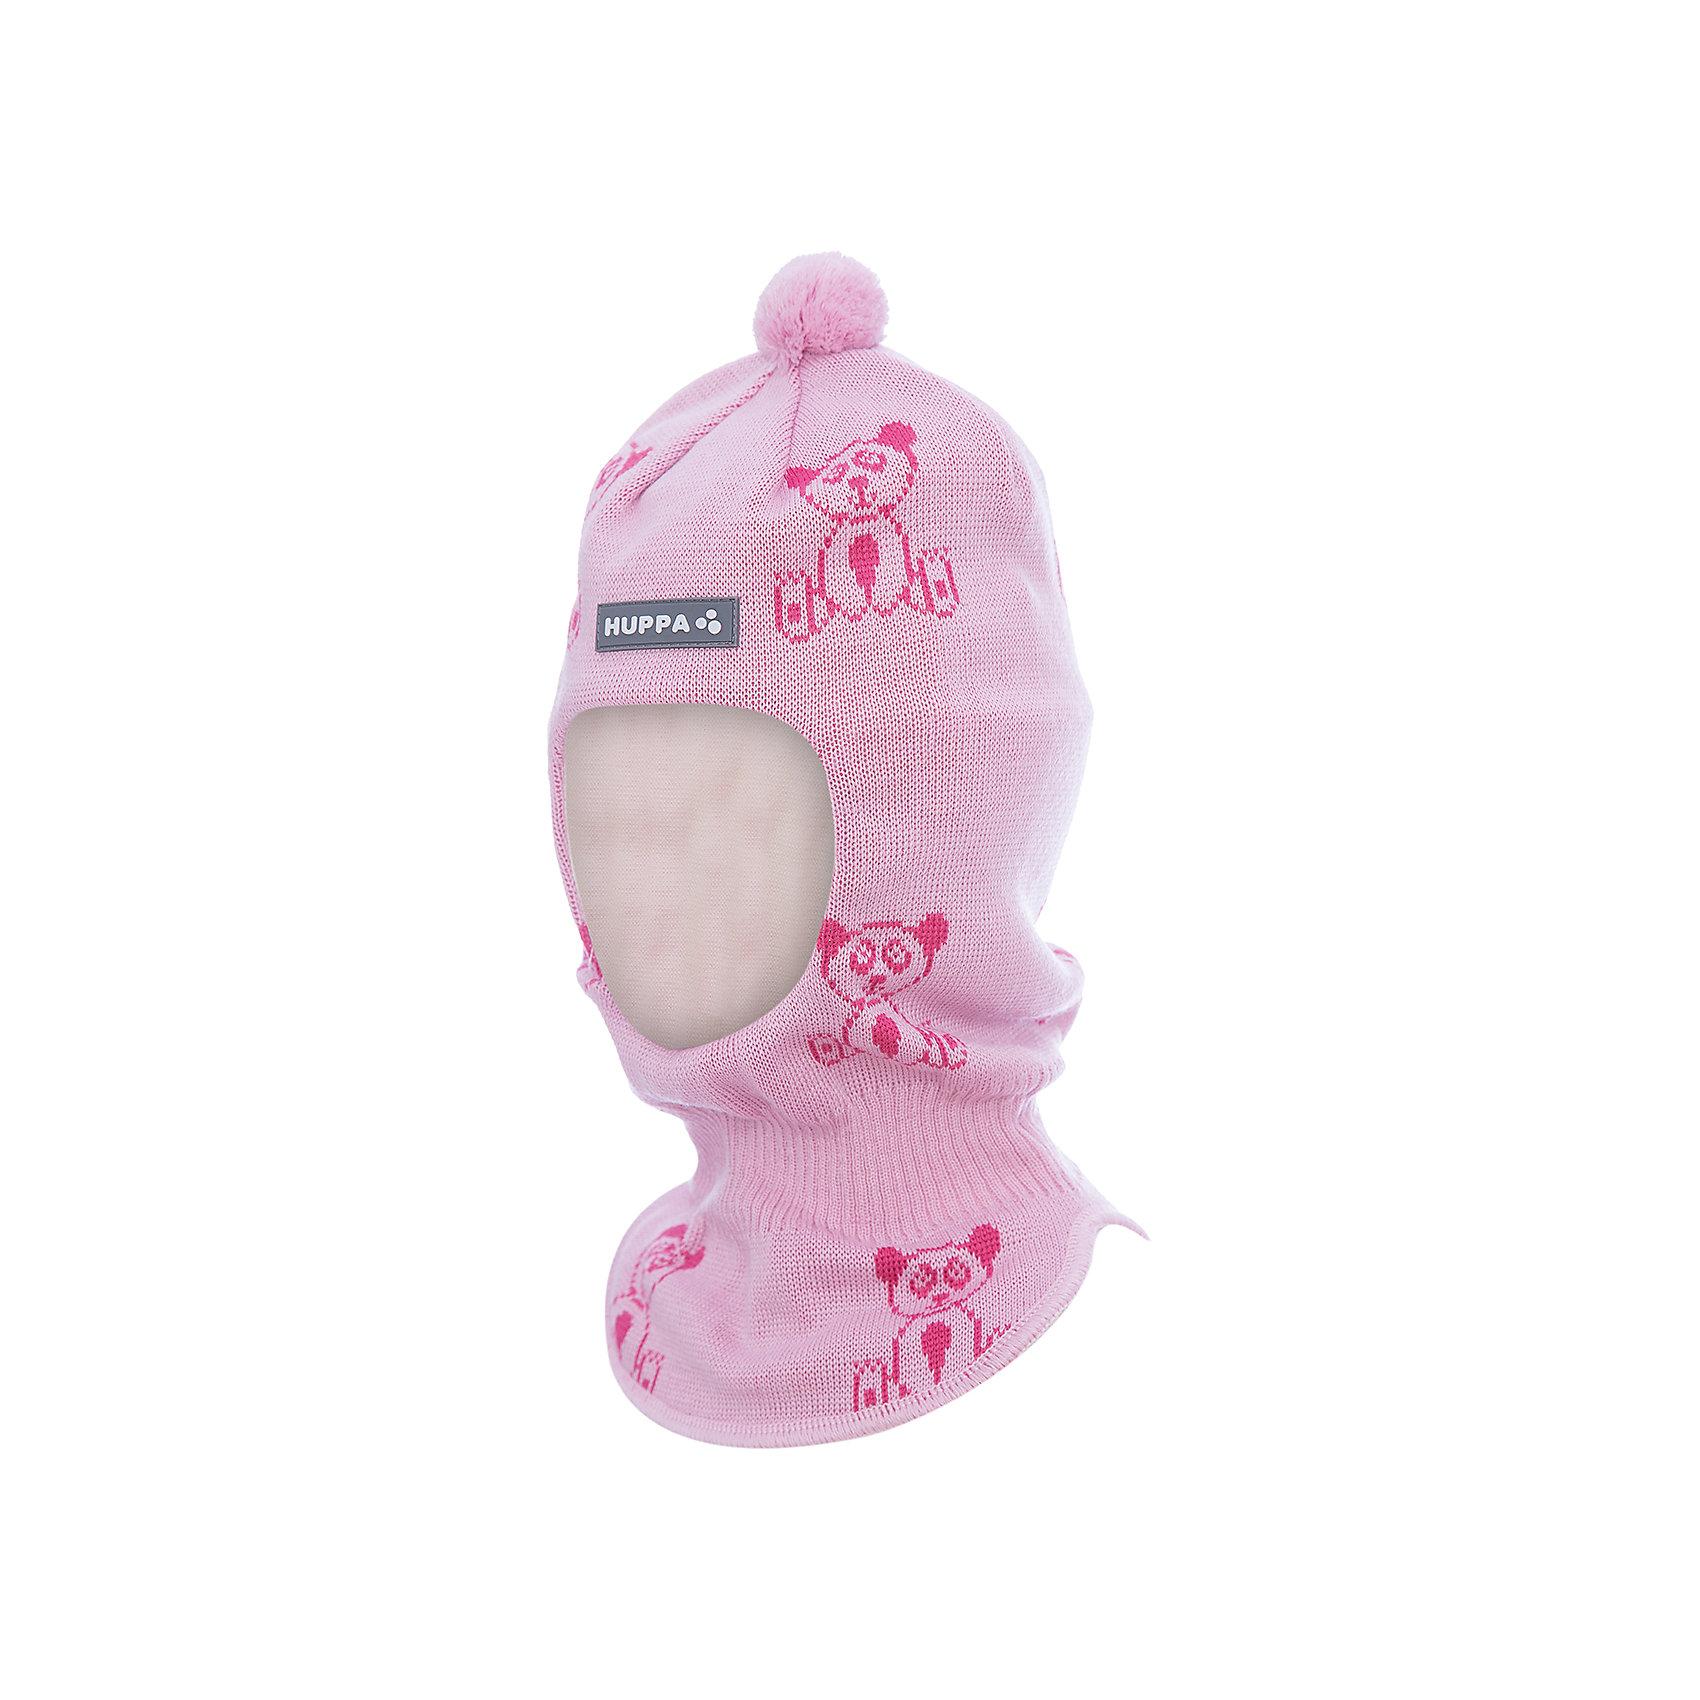 Шапка-шлем Huppa KeldaГоловные уборы<br>Вязаная шапка-шлем для детей KELDA.Теплая вязаная шапочка на хлопковой подкладке, прекрассно подойдет для повседневных прогулок в холодную погоду.<br>Состав:<br>50% мерс.шерсть, 50% акрил<br><br>Ширина мм: 89<br>Глубина мм: 117<br>Высота мм: 44<br>Вес г: 155<br>Цвет: розовый<br>Возраст от месяцев: 3<br>Возраст до месяцев: 12<br>Пол: Унисекс<br>Возраст: Детский<br>Размер: 43-45,51-53,47-49<br>SKU: 7029369